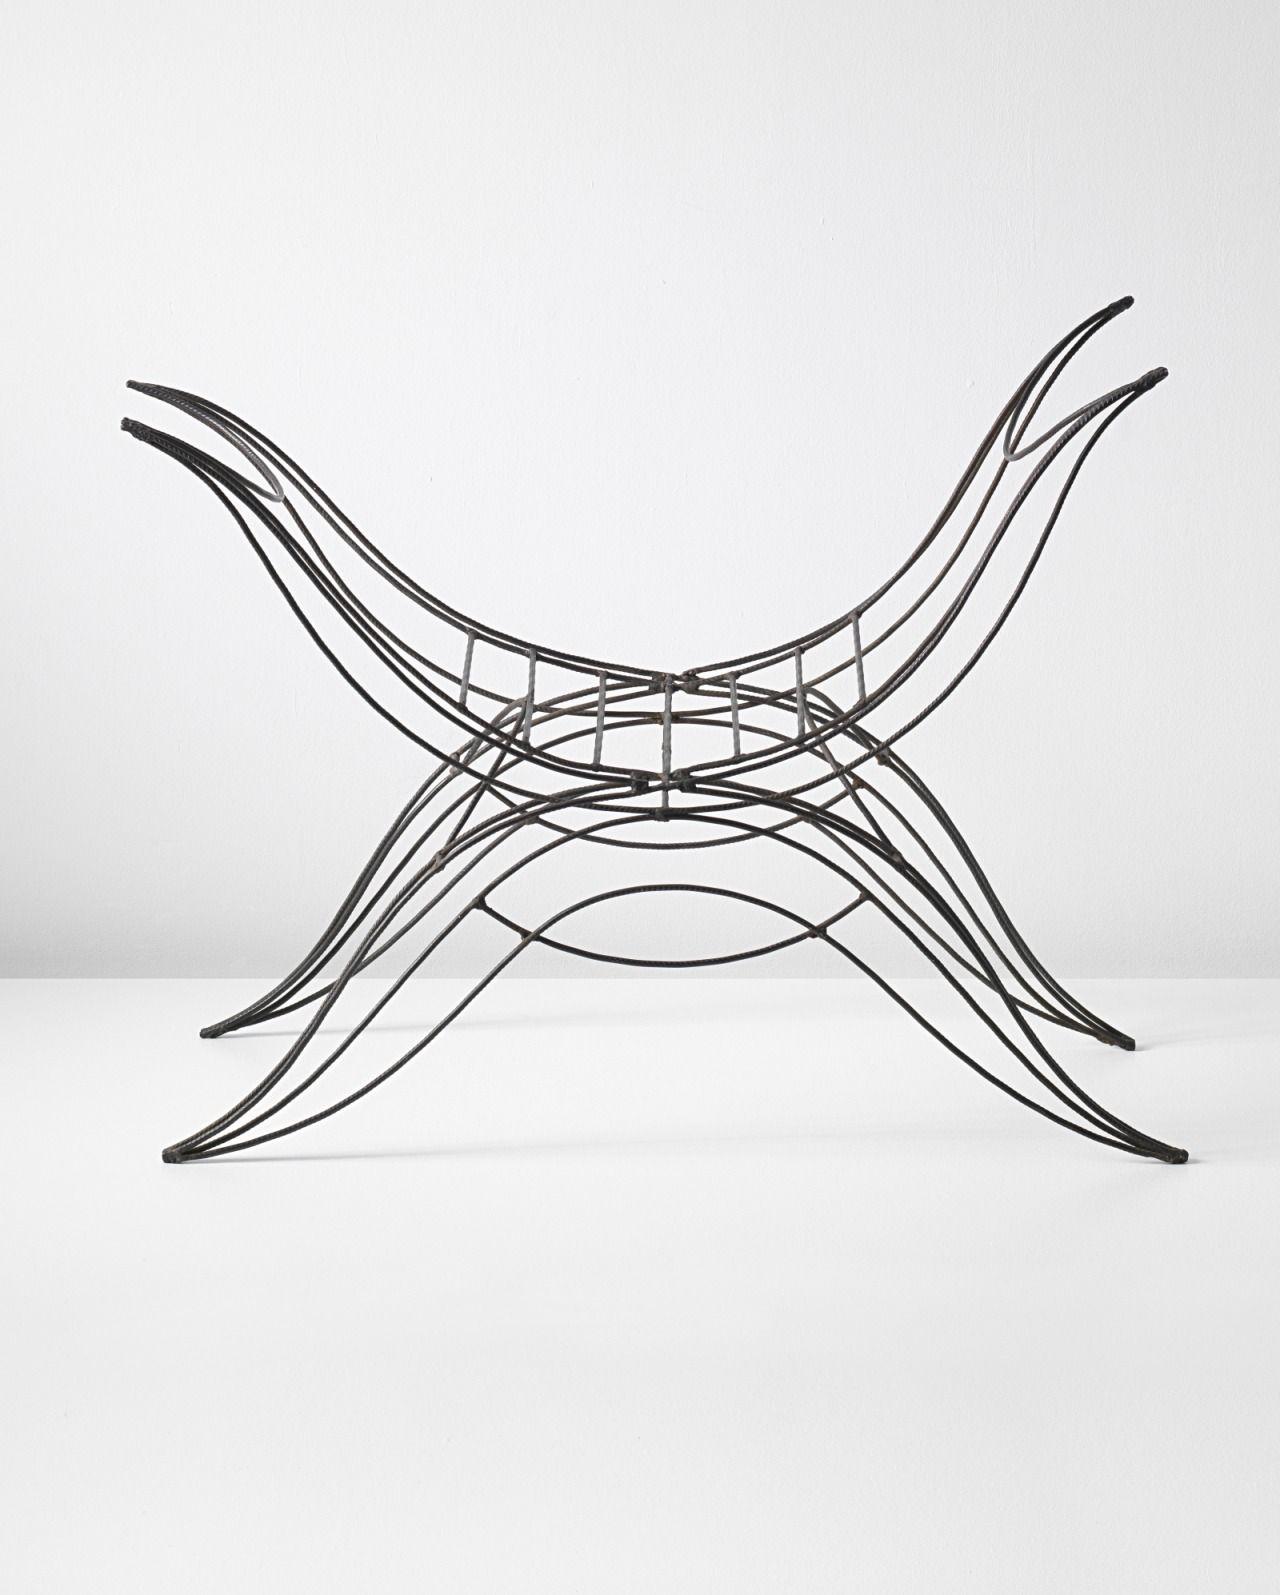 André Dubreuil Unique stool, 1986. Concrete reinforcement steel rods. (69.3 x 99.3 x 45.7 cm).